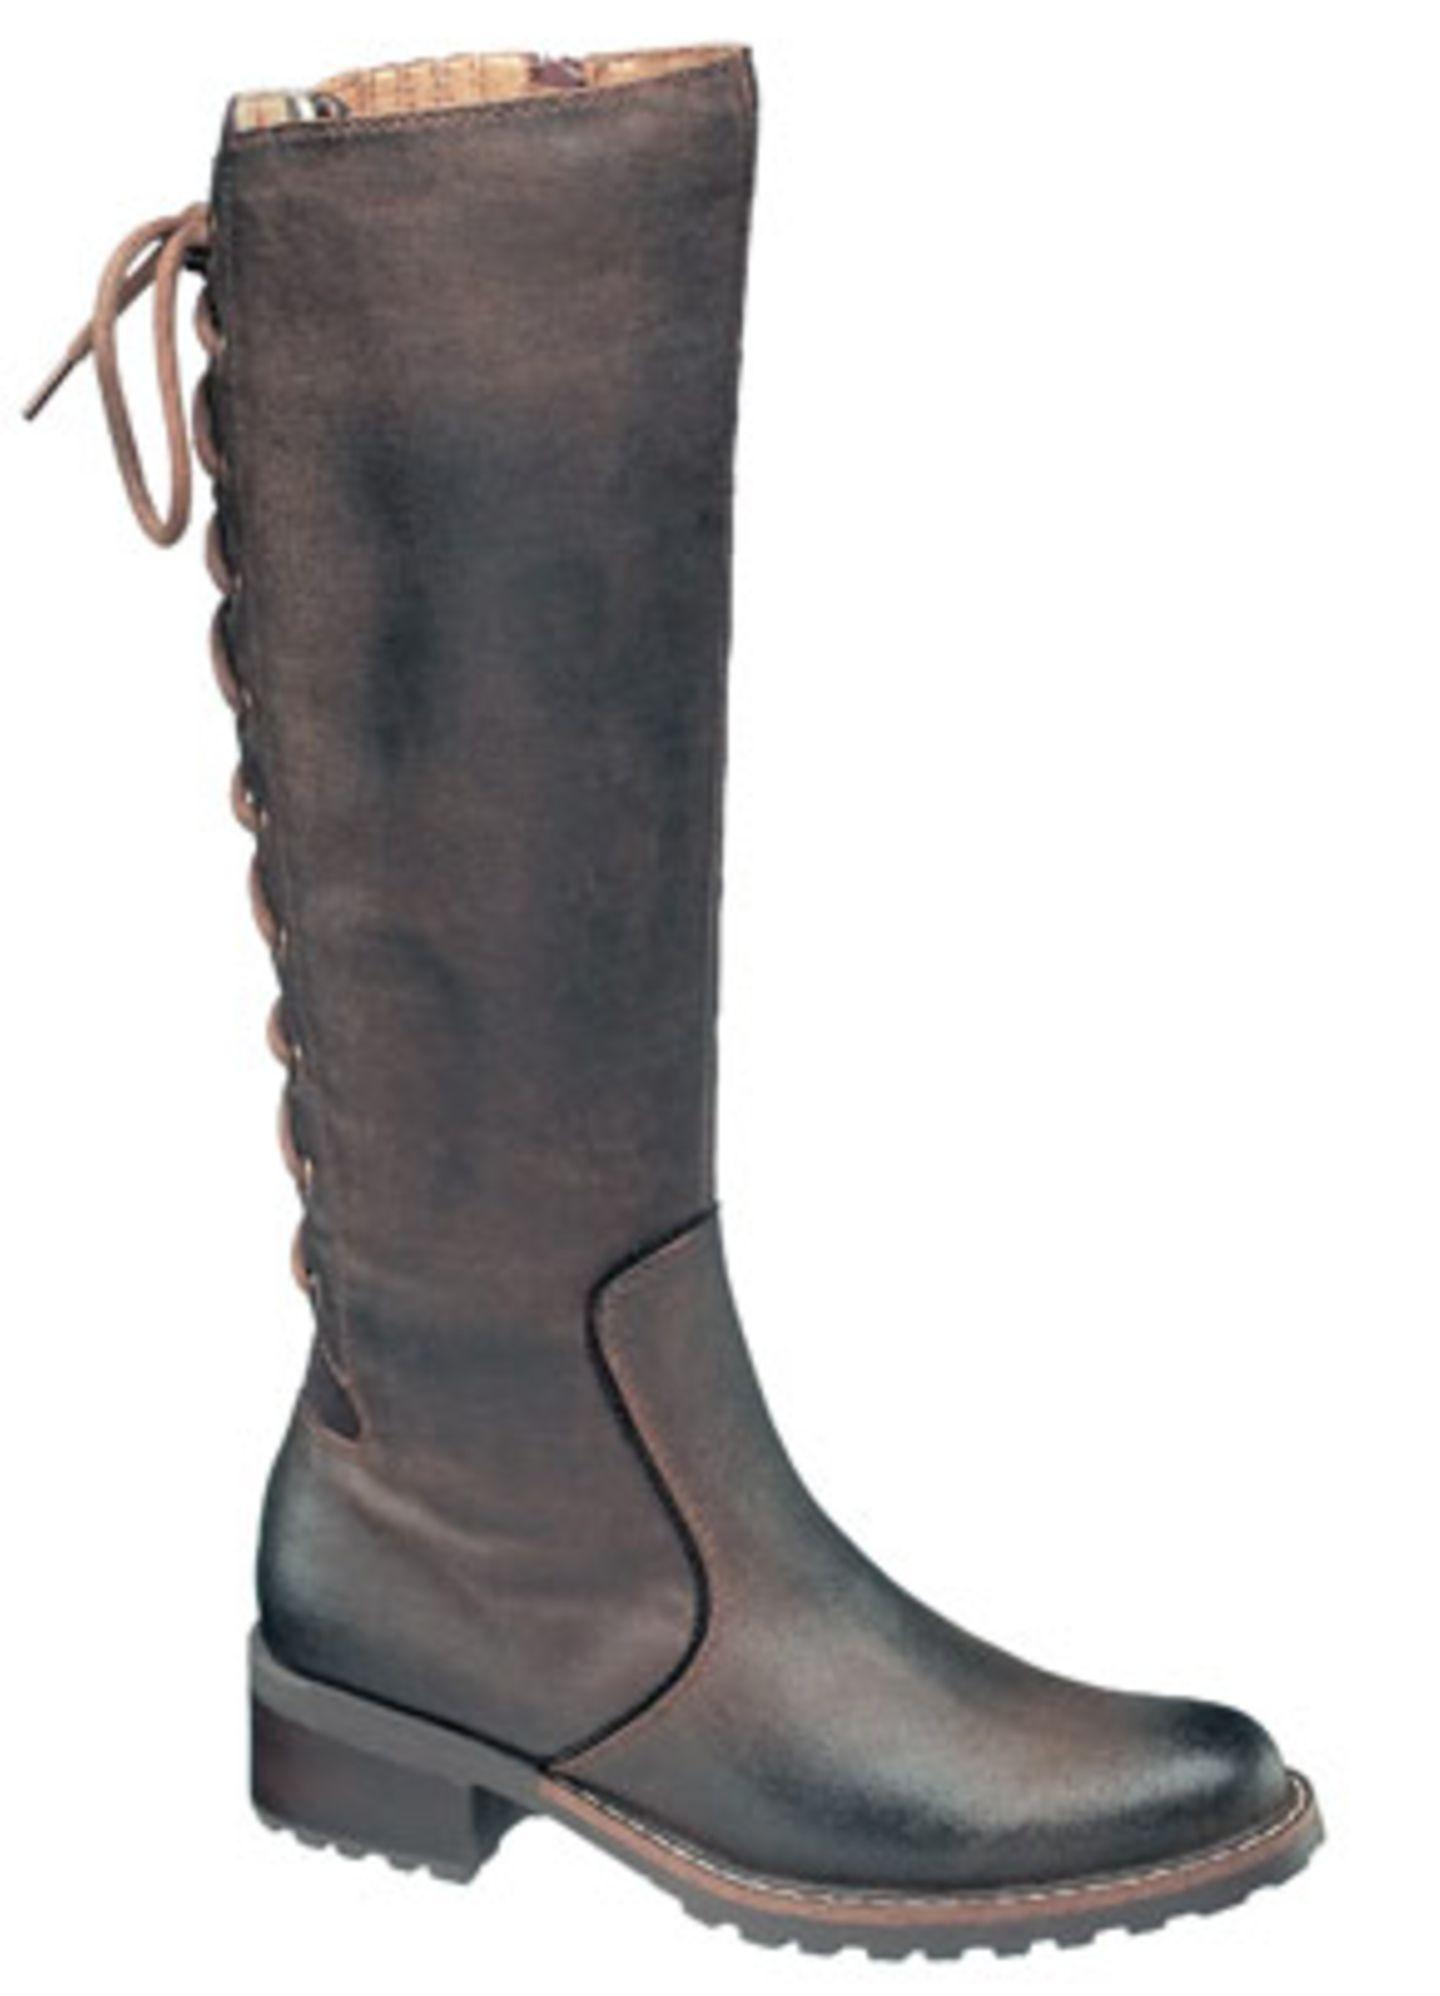 Brauner Stiefel mit Schnürung; 34,90 Euro; von Graceland / Deichmann